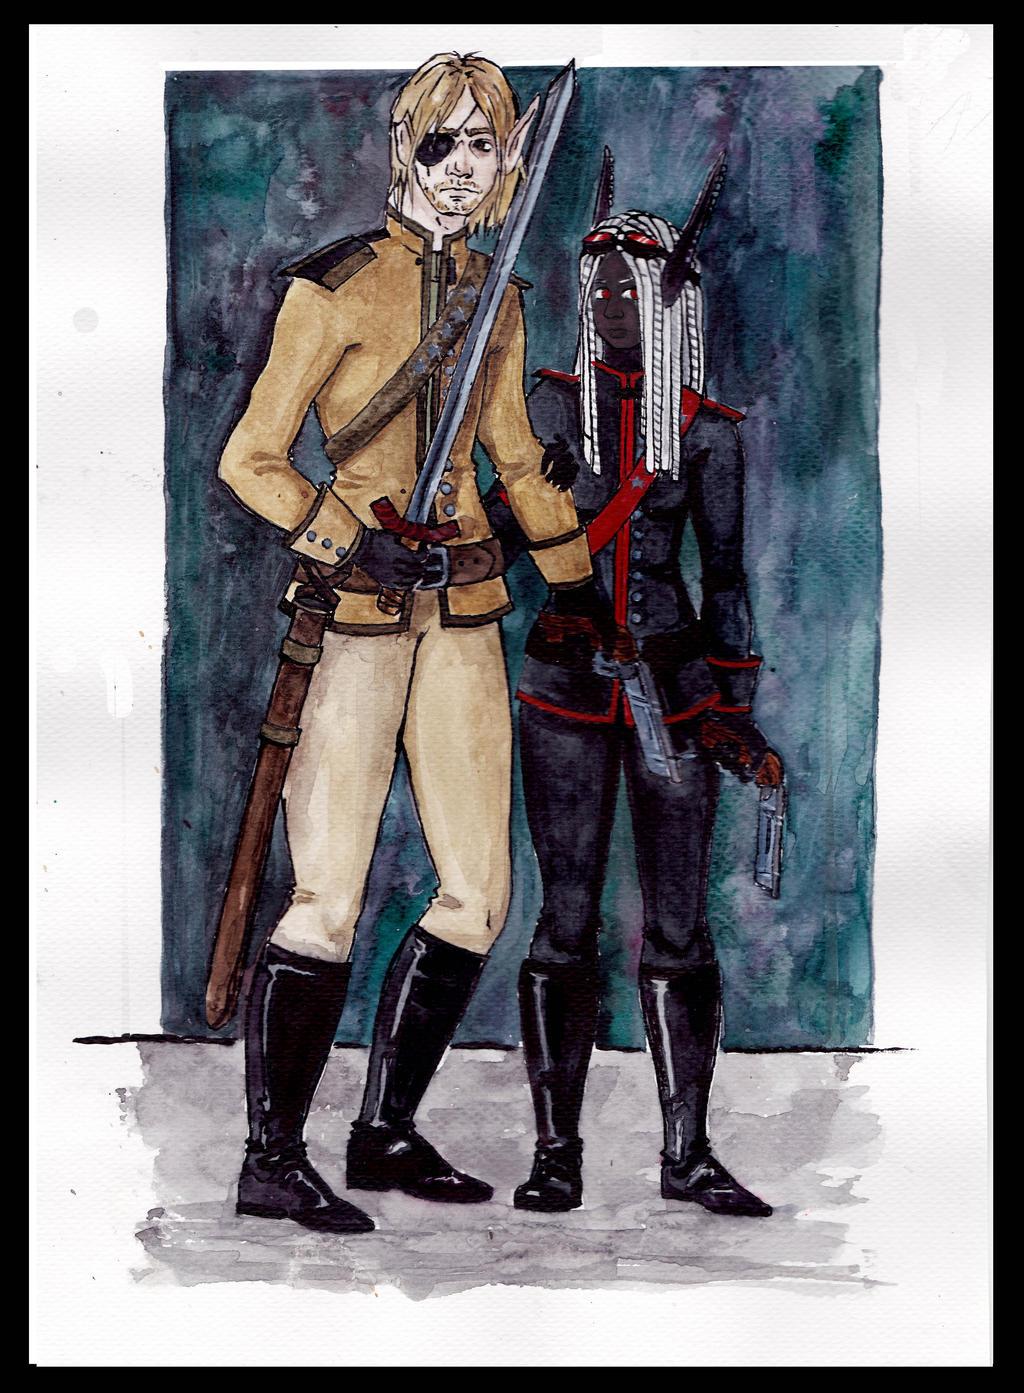 Soldiers by Nirvanangel